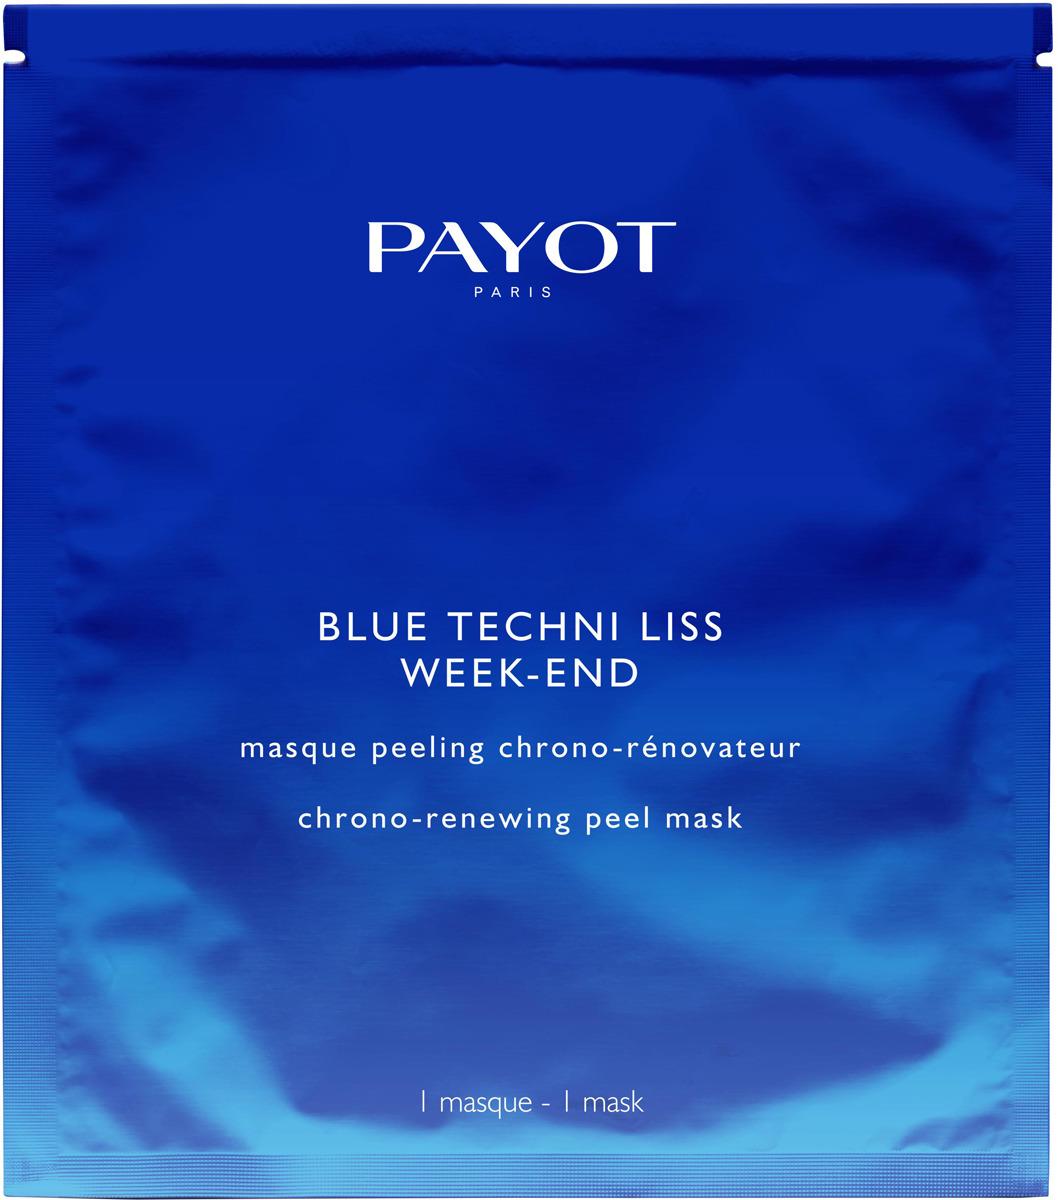 Маска-пиллинг для ухода за кожей Payot Blue Techni Liss, обновляющая крем для коррекции глубоких морщин techni liss 50 мл payot techni liss